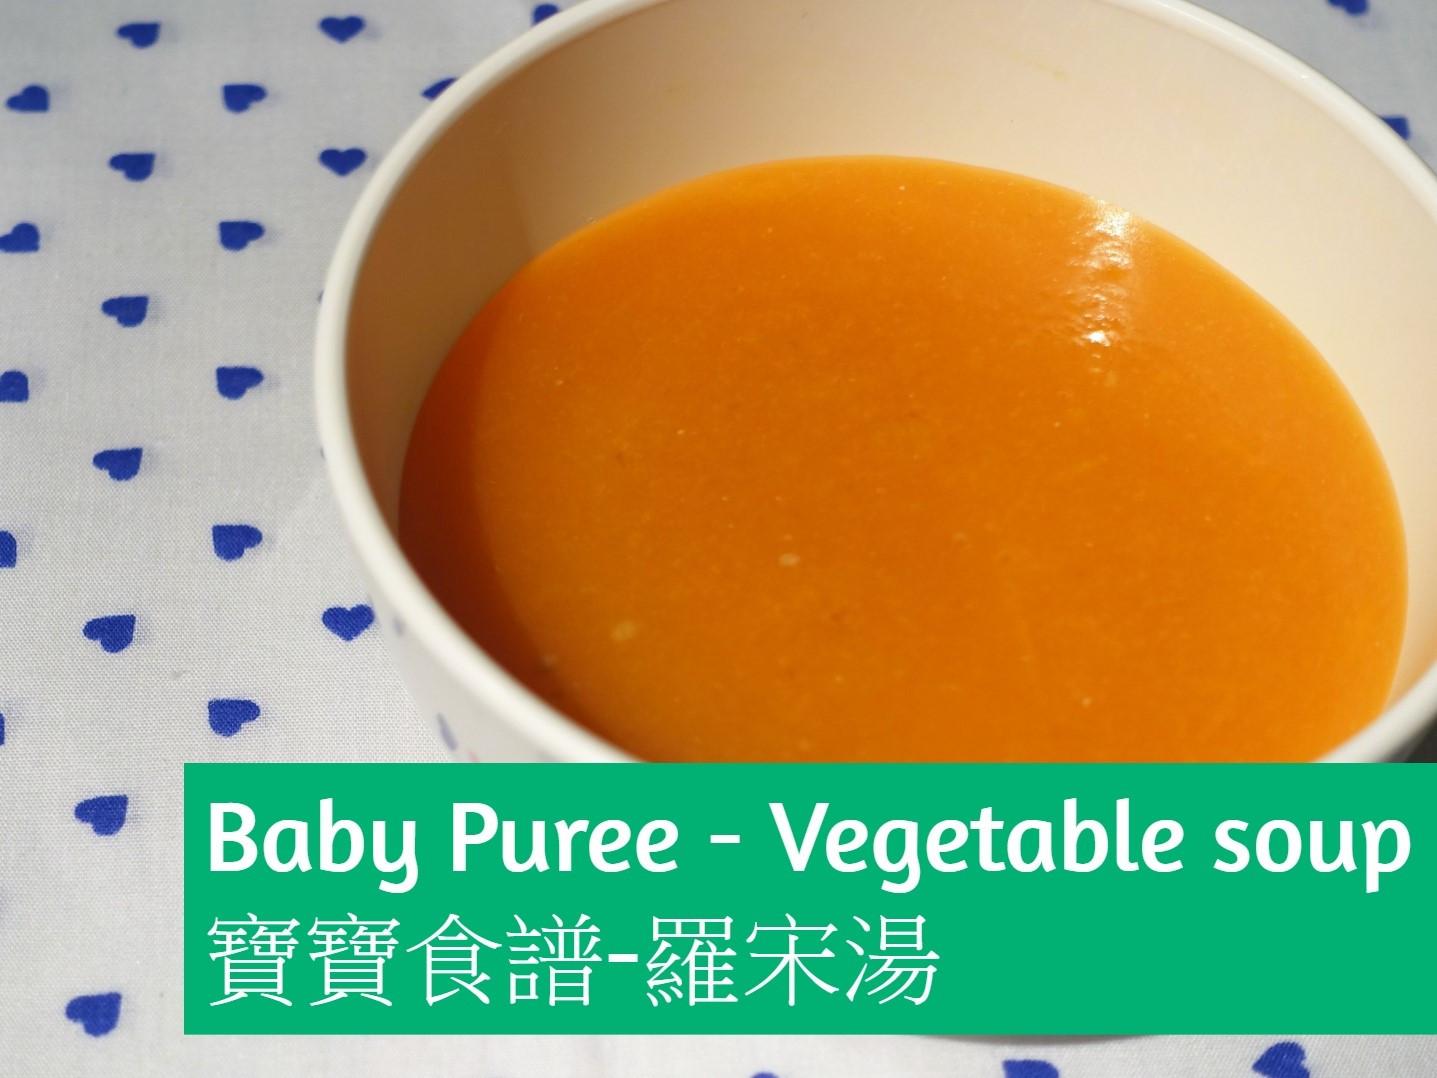 寶寶食譜 - 羅宋湯